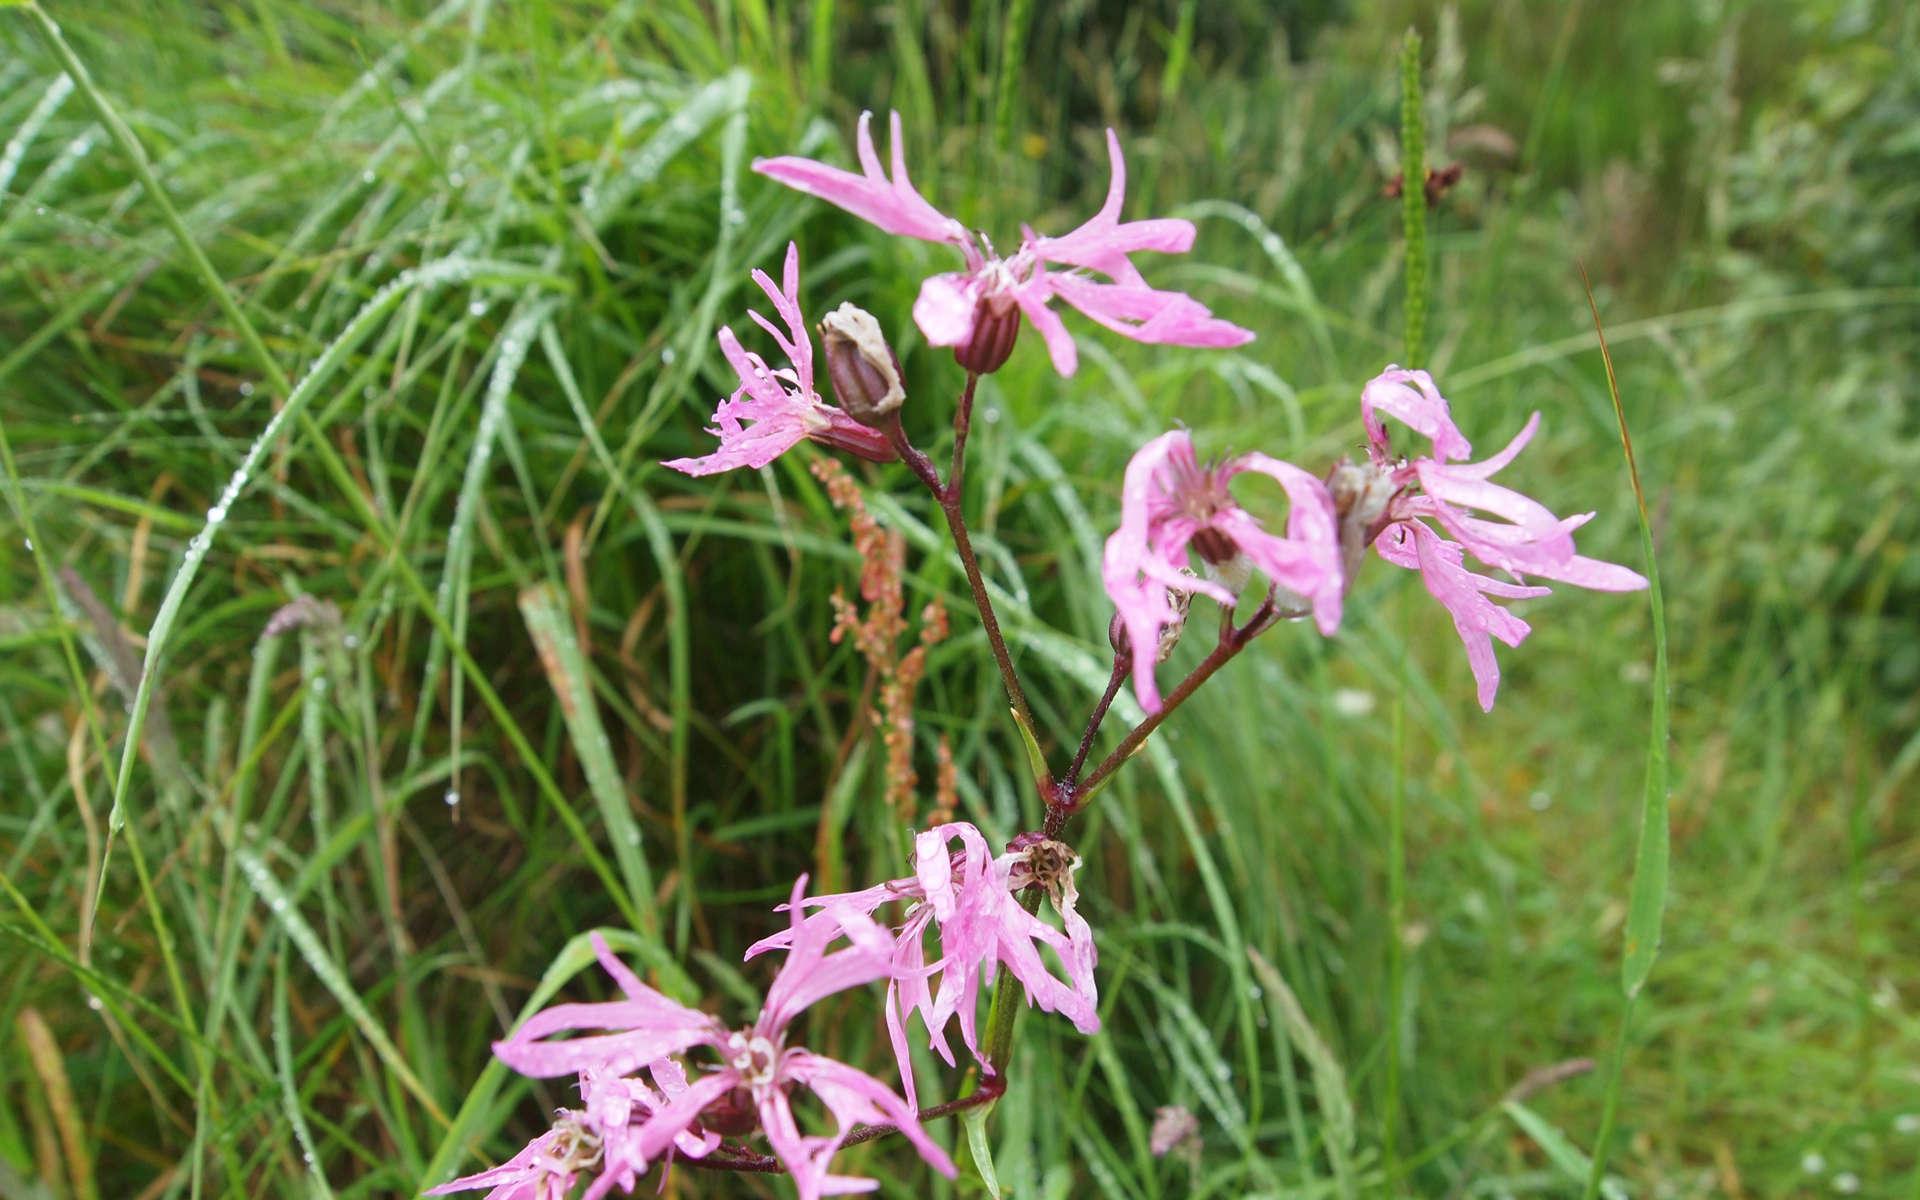 Silène fleur de coucou (Crédits: Lindy Buckley - Flickr)